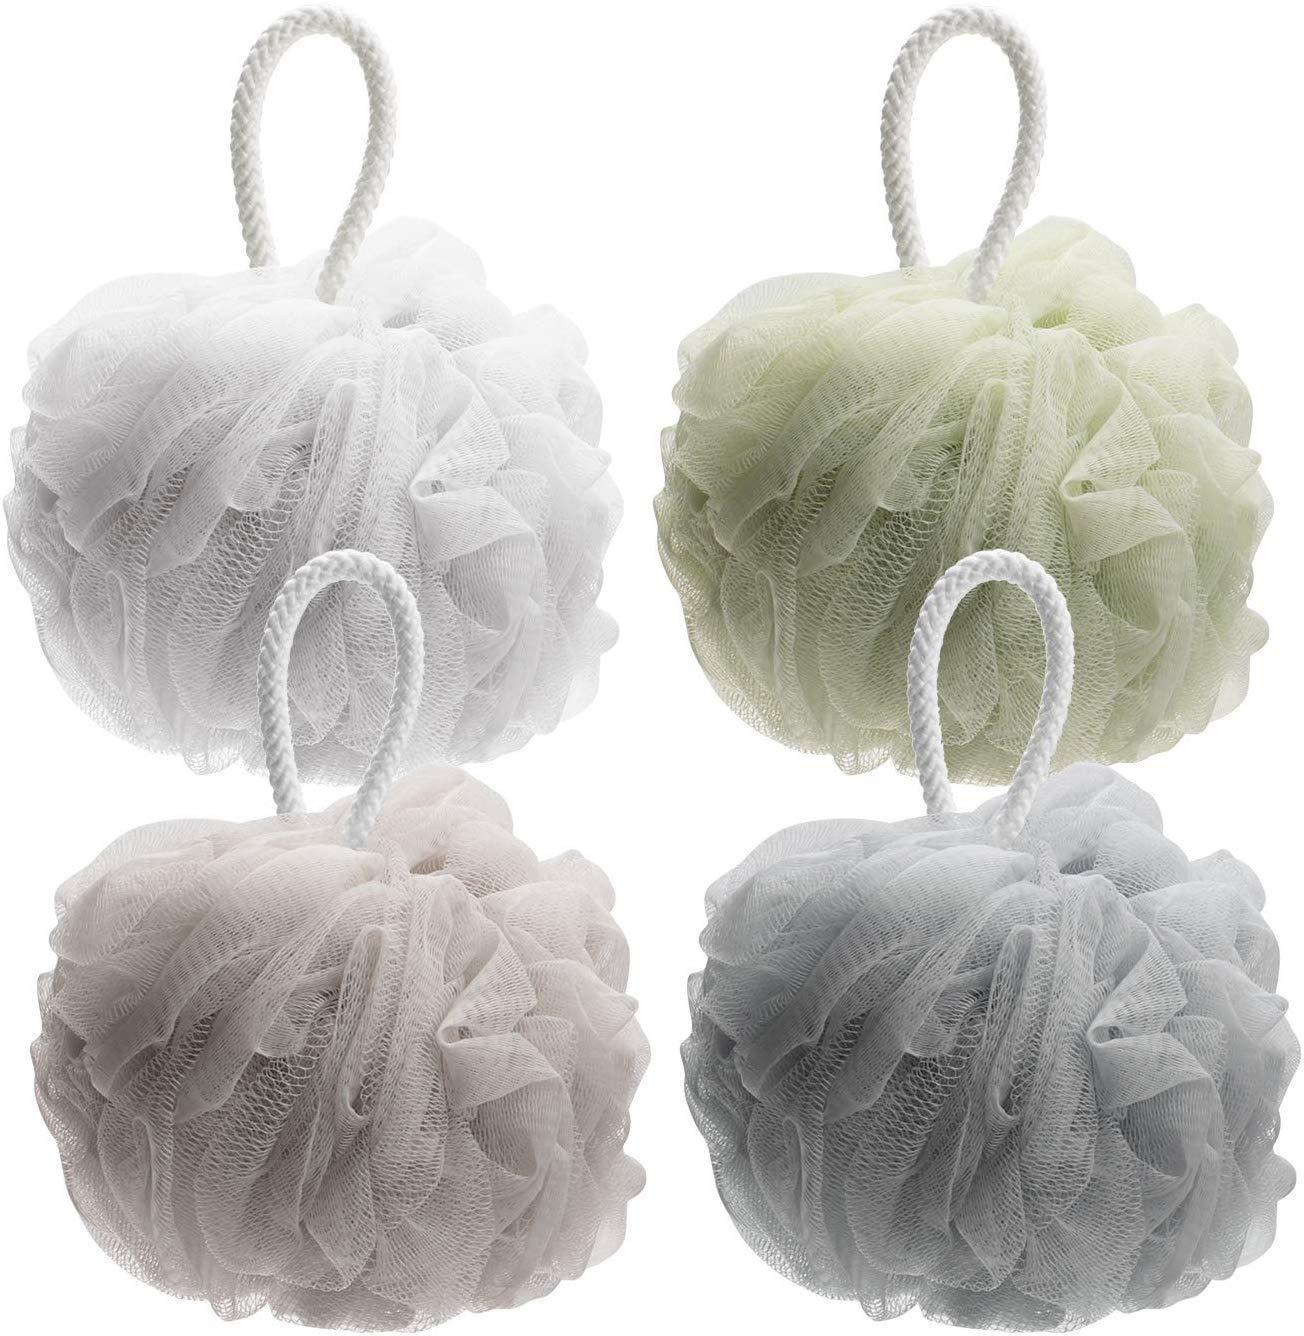 AmazerBath Shower Bath Sponge Shower Loofahs Balls 60g/PCS for Body Wash Bathroom Men Women- Set of 4 Pack (Neutral Colors)